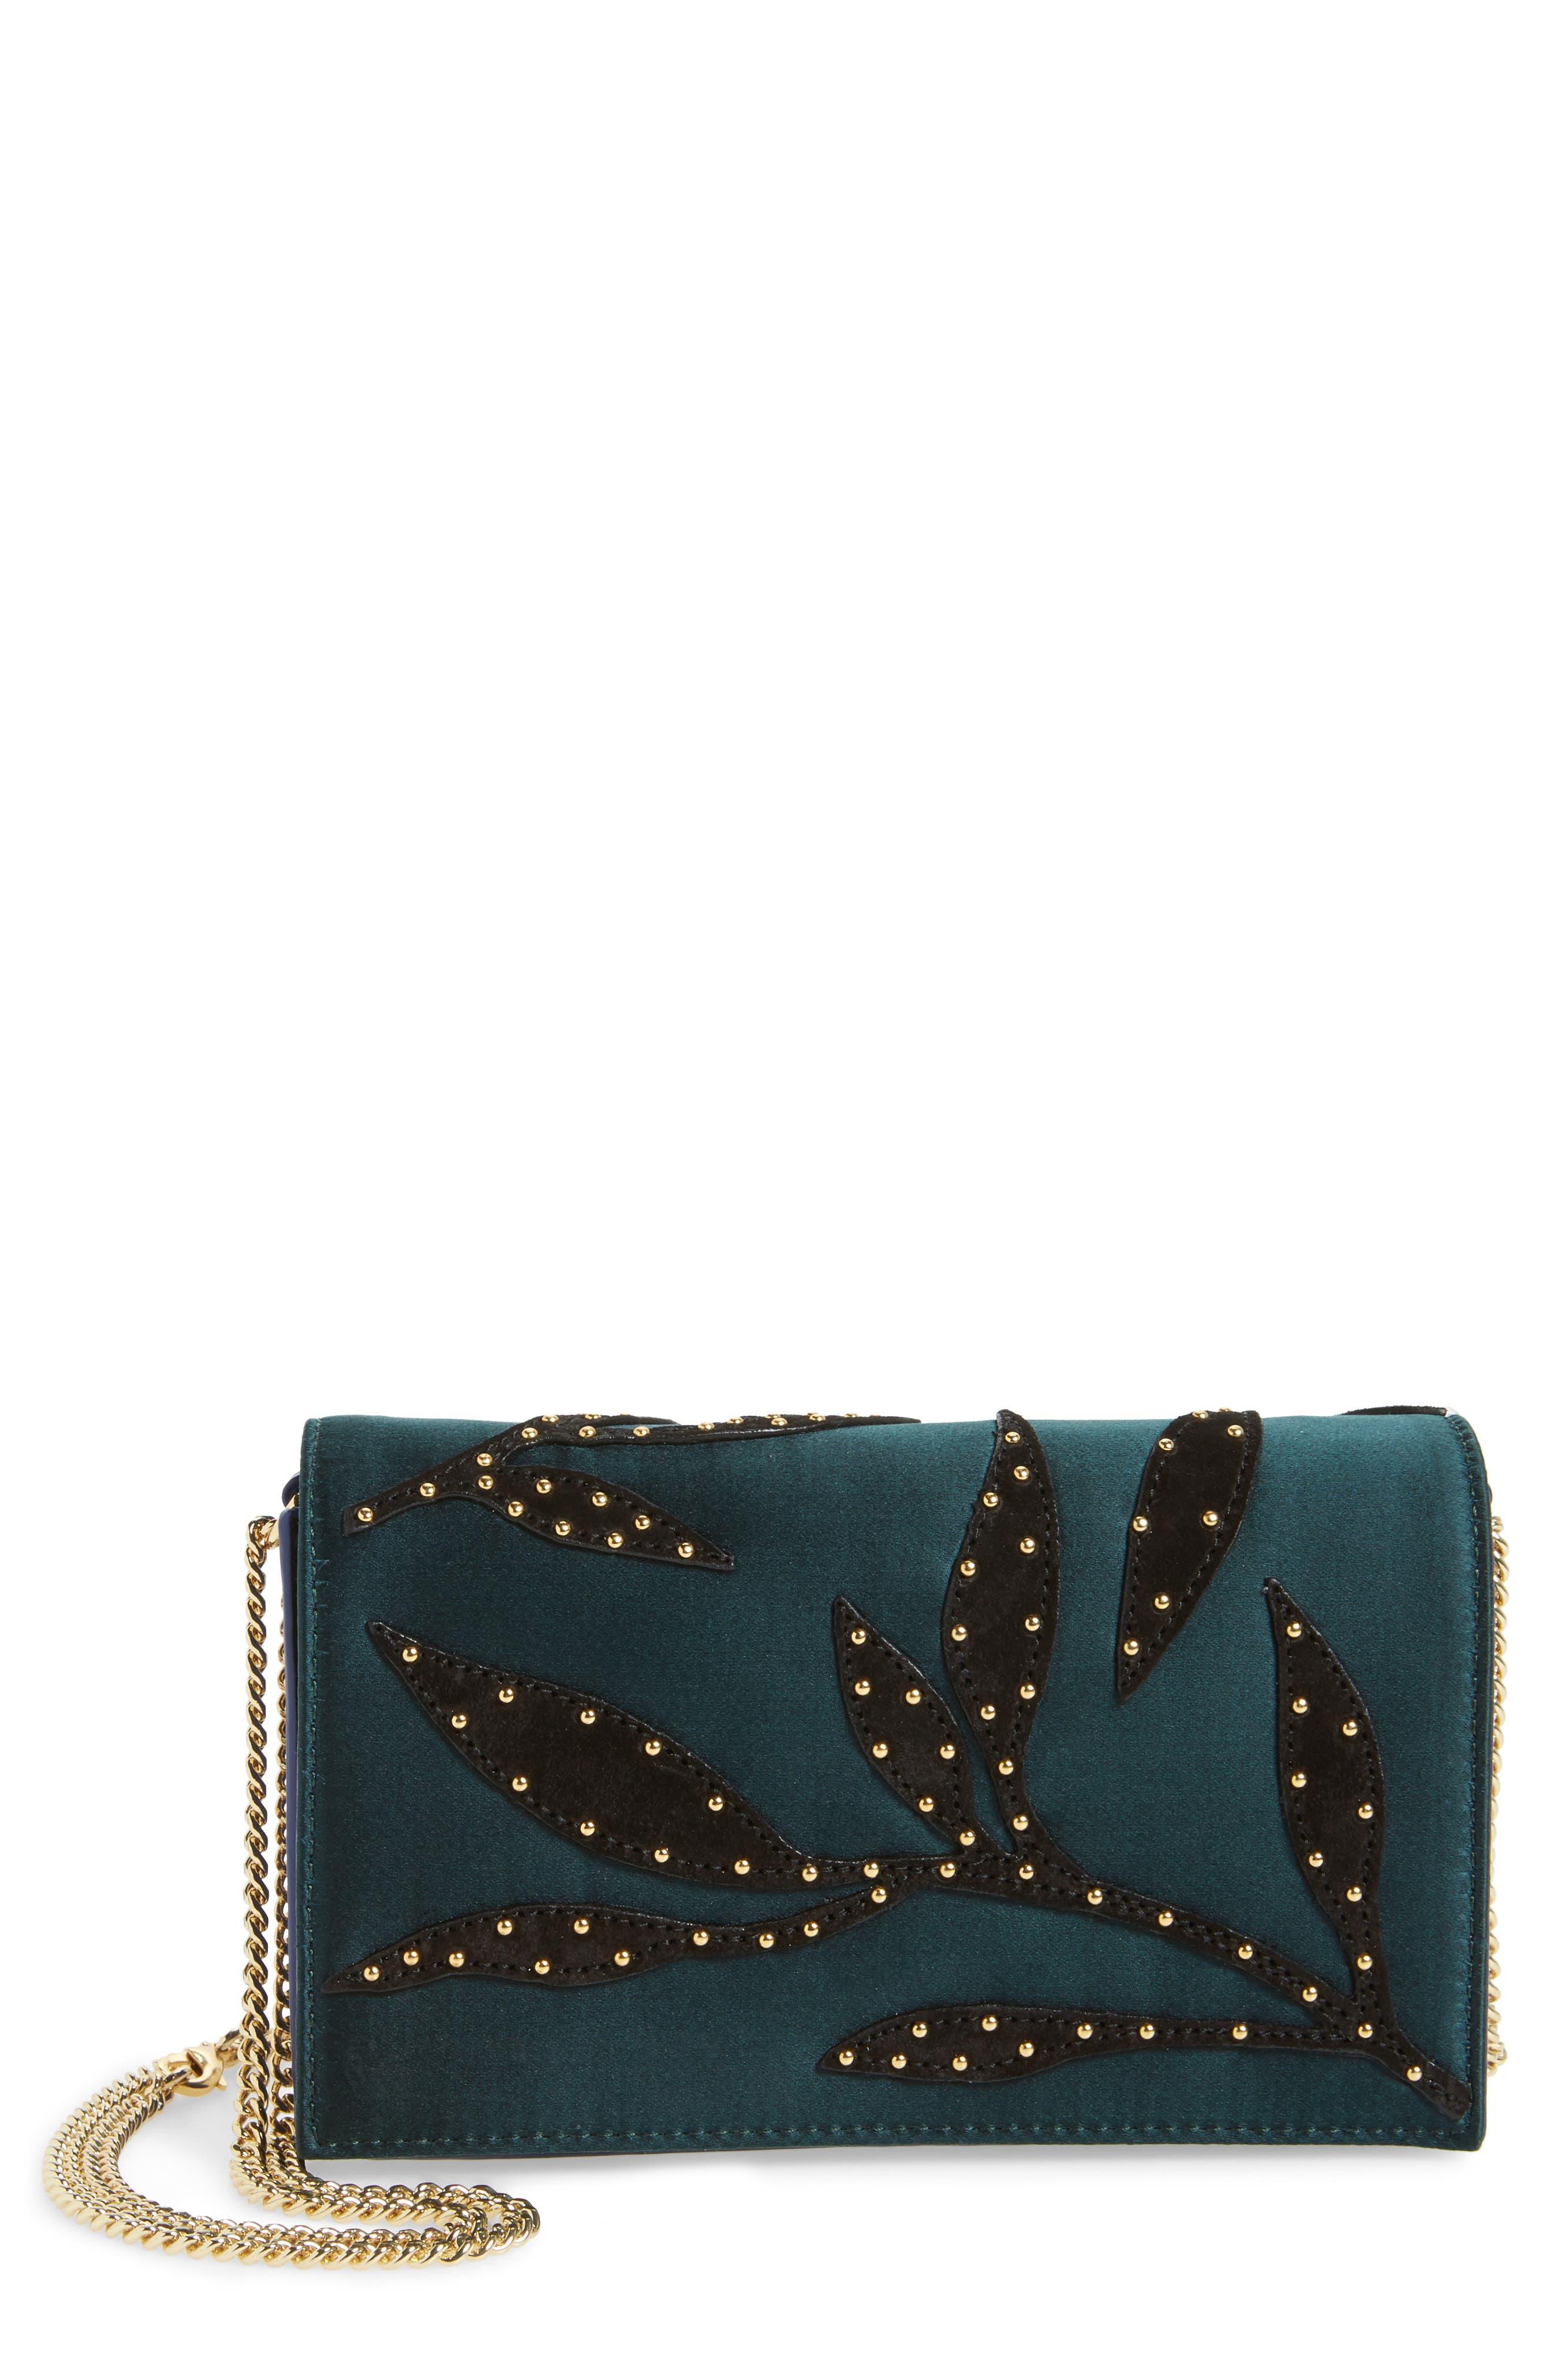 Soirée Convertible Crossbody Bag,                         Main,                         color, 400